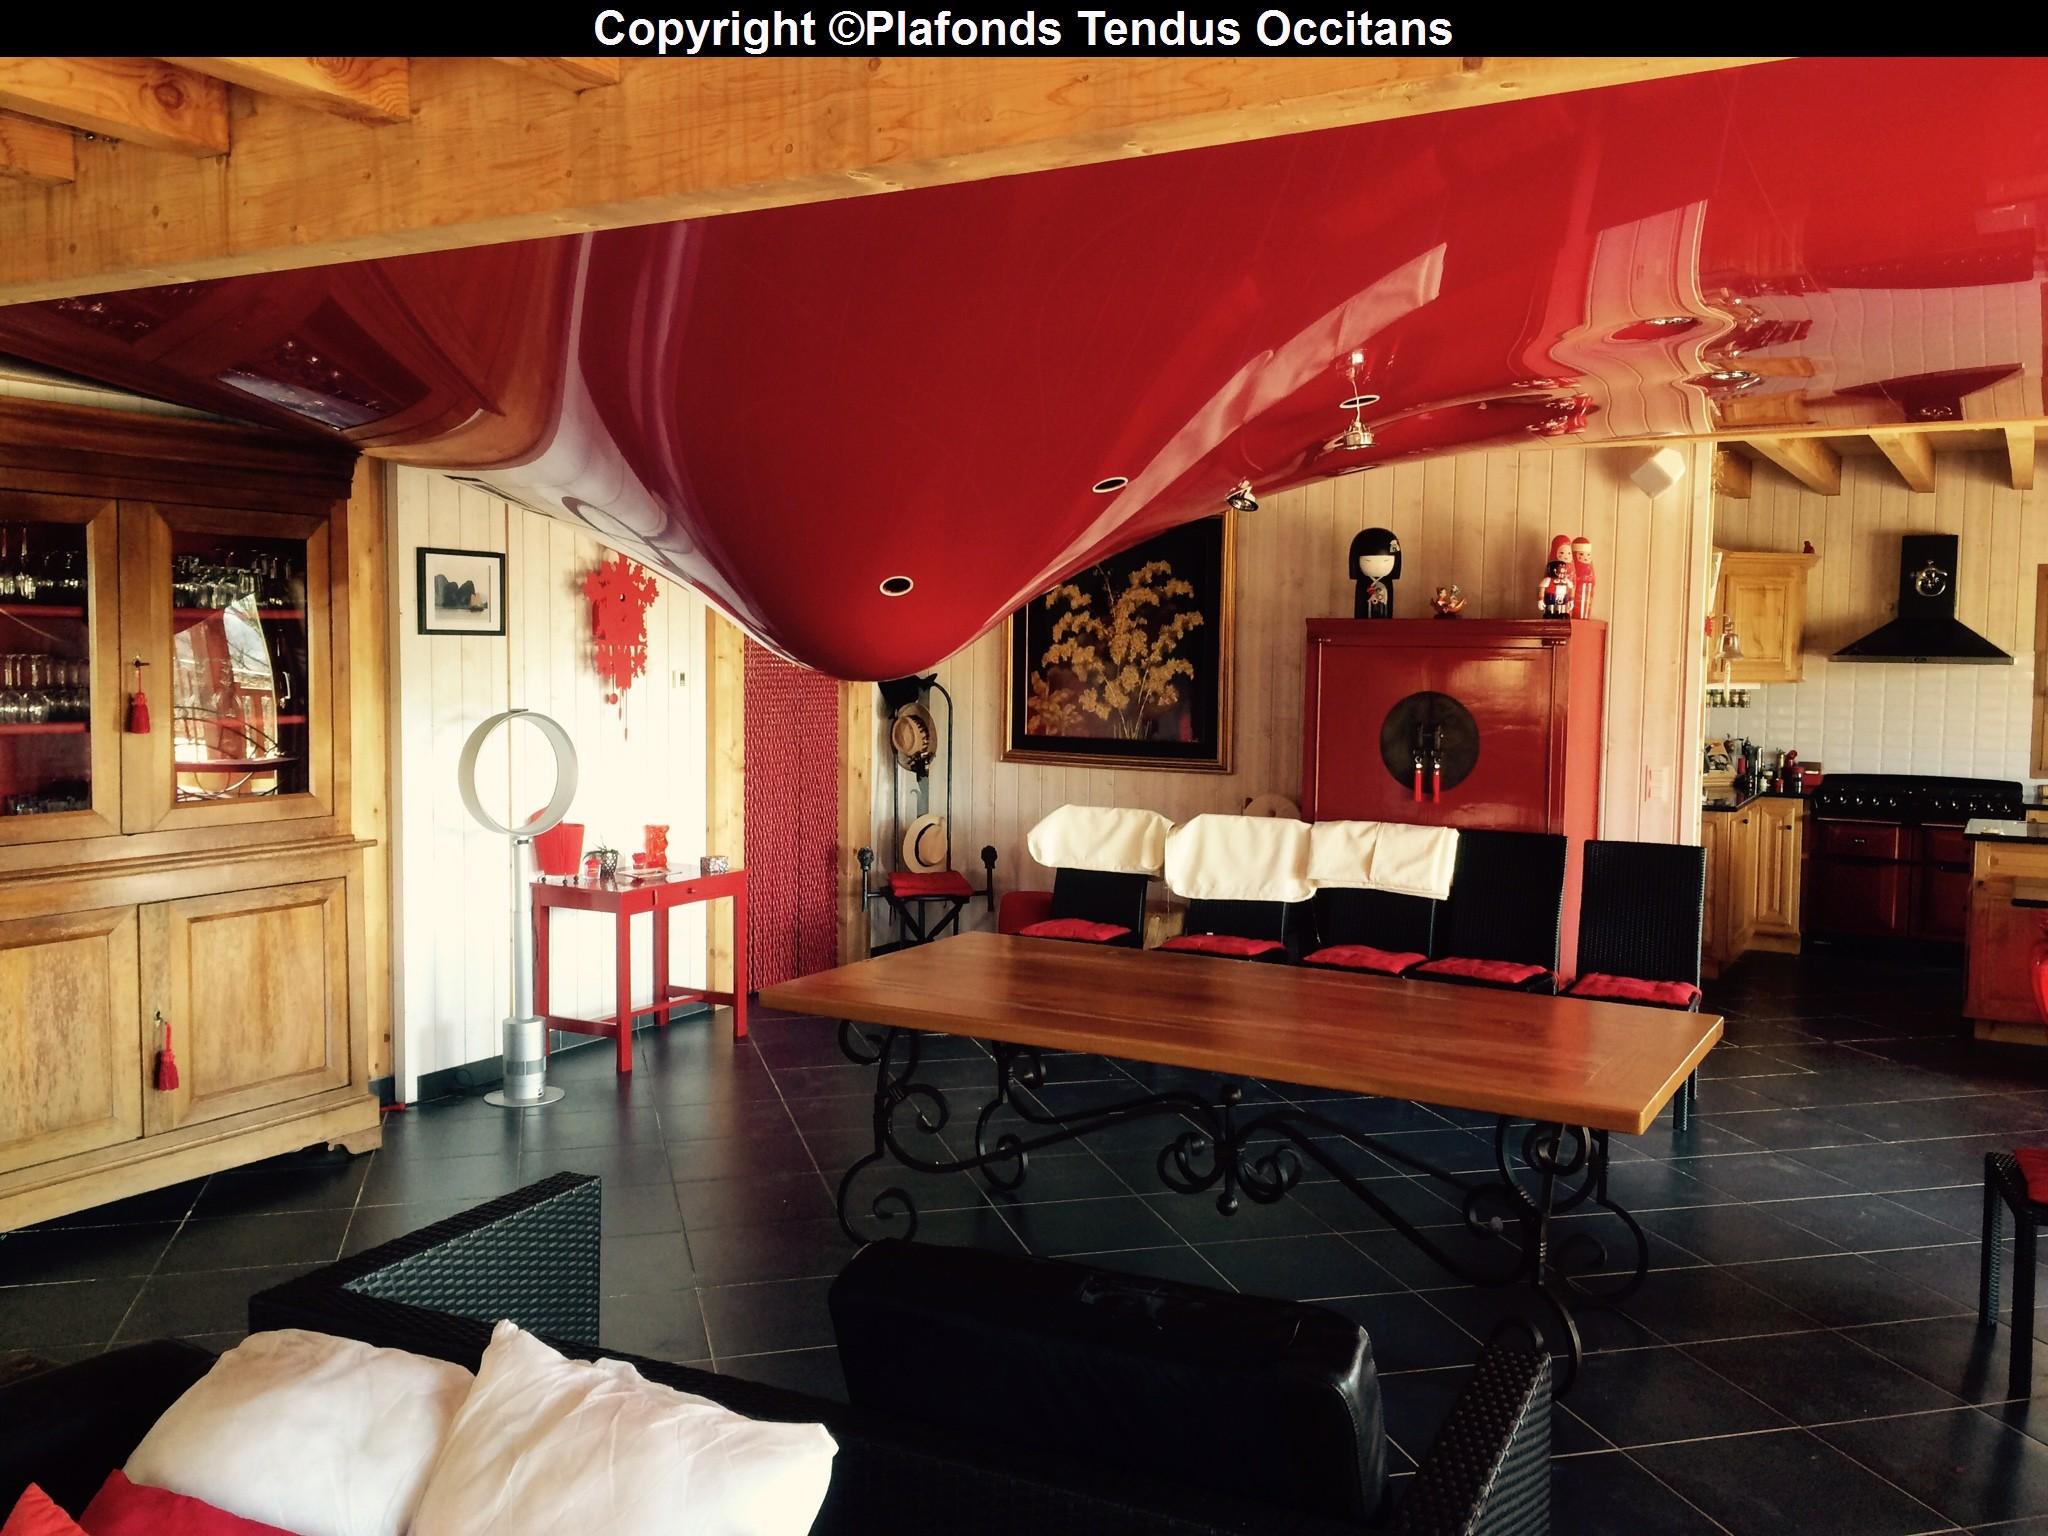 vid o d g t des eaux dans un plafond tendu 2 plafonds tendus occitans. Black Bedroom Furniture Sets. Home Design Ideas